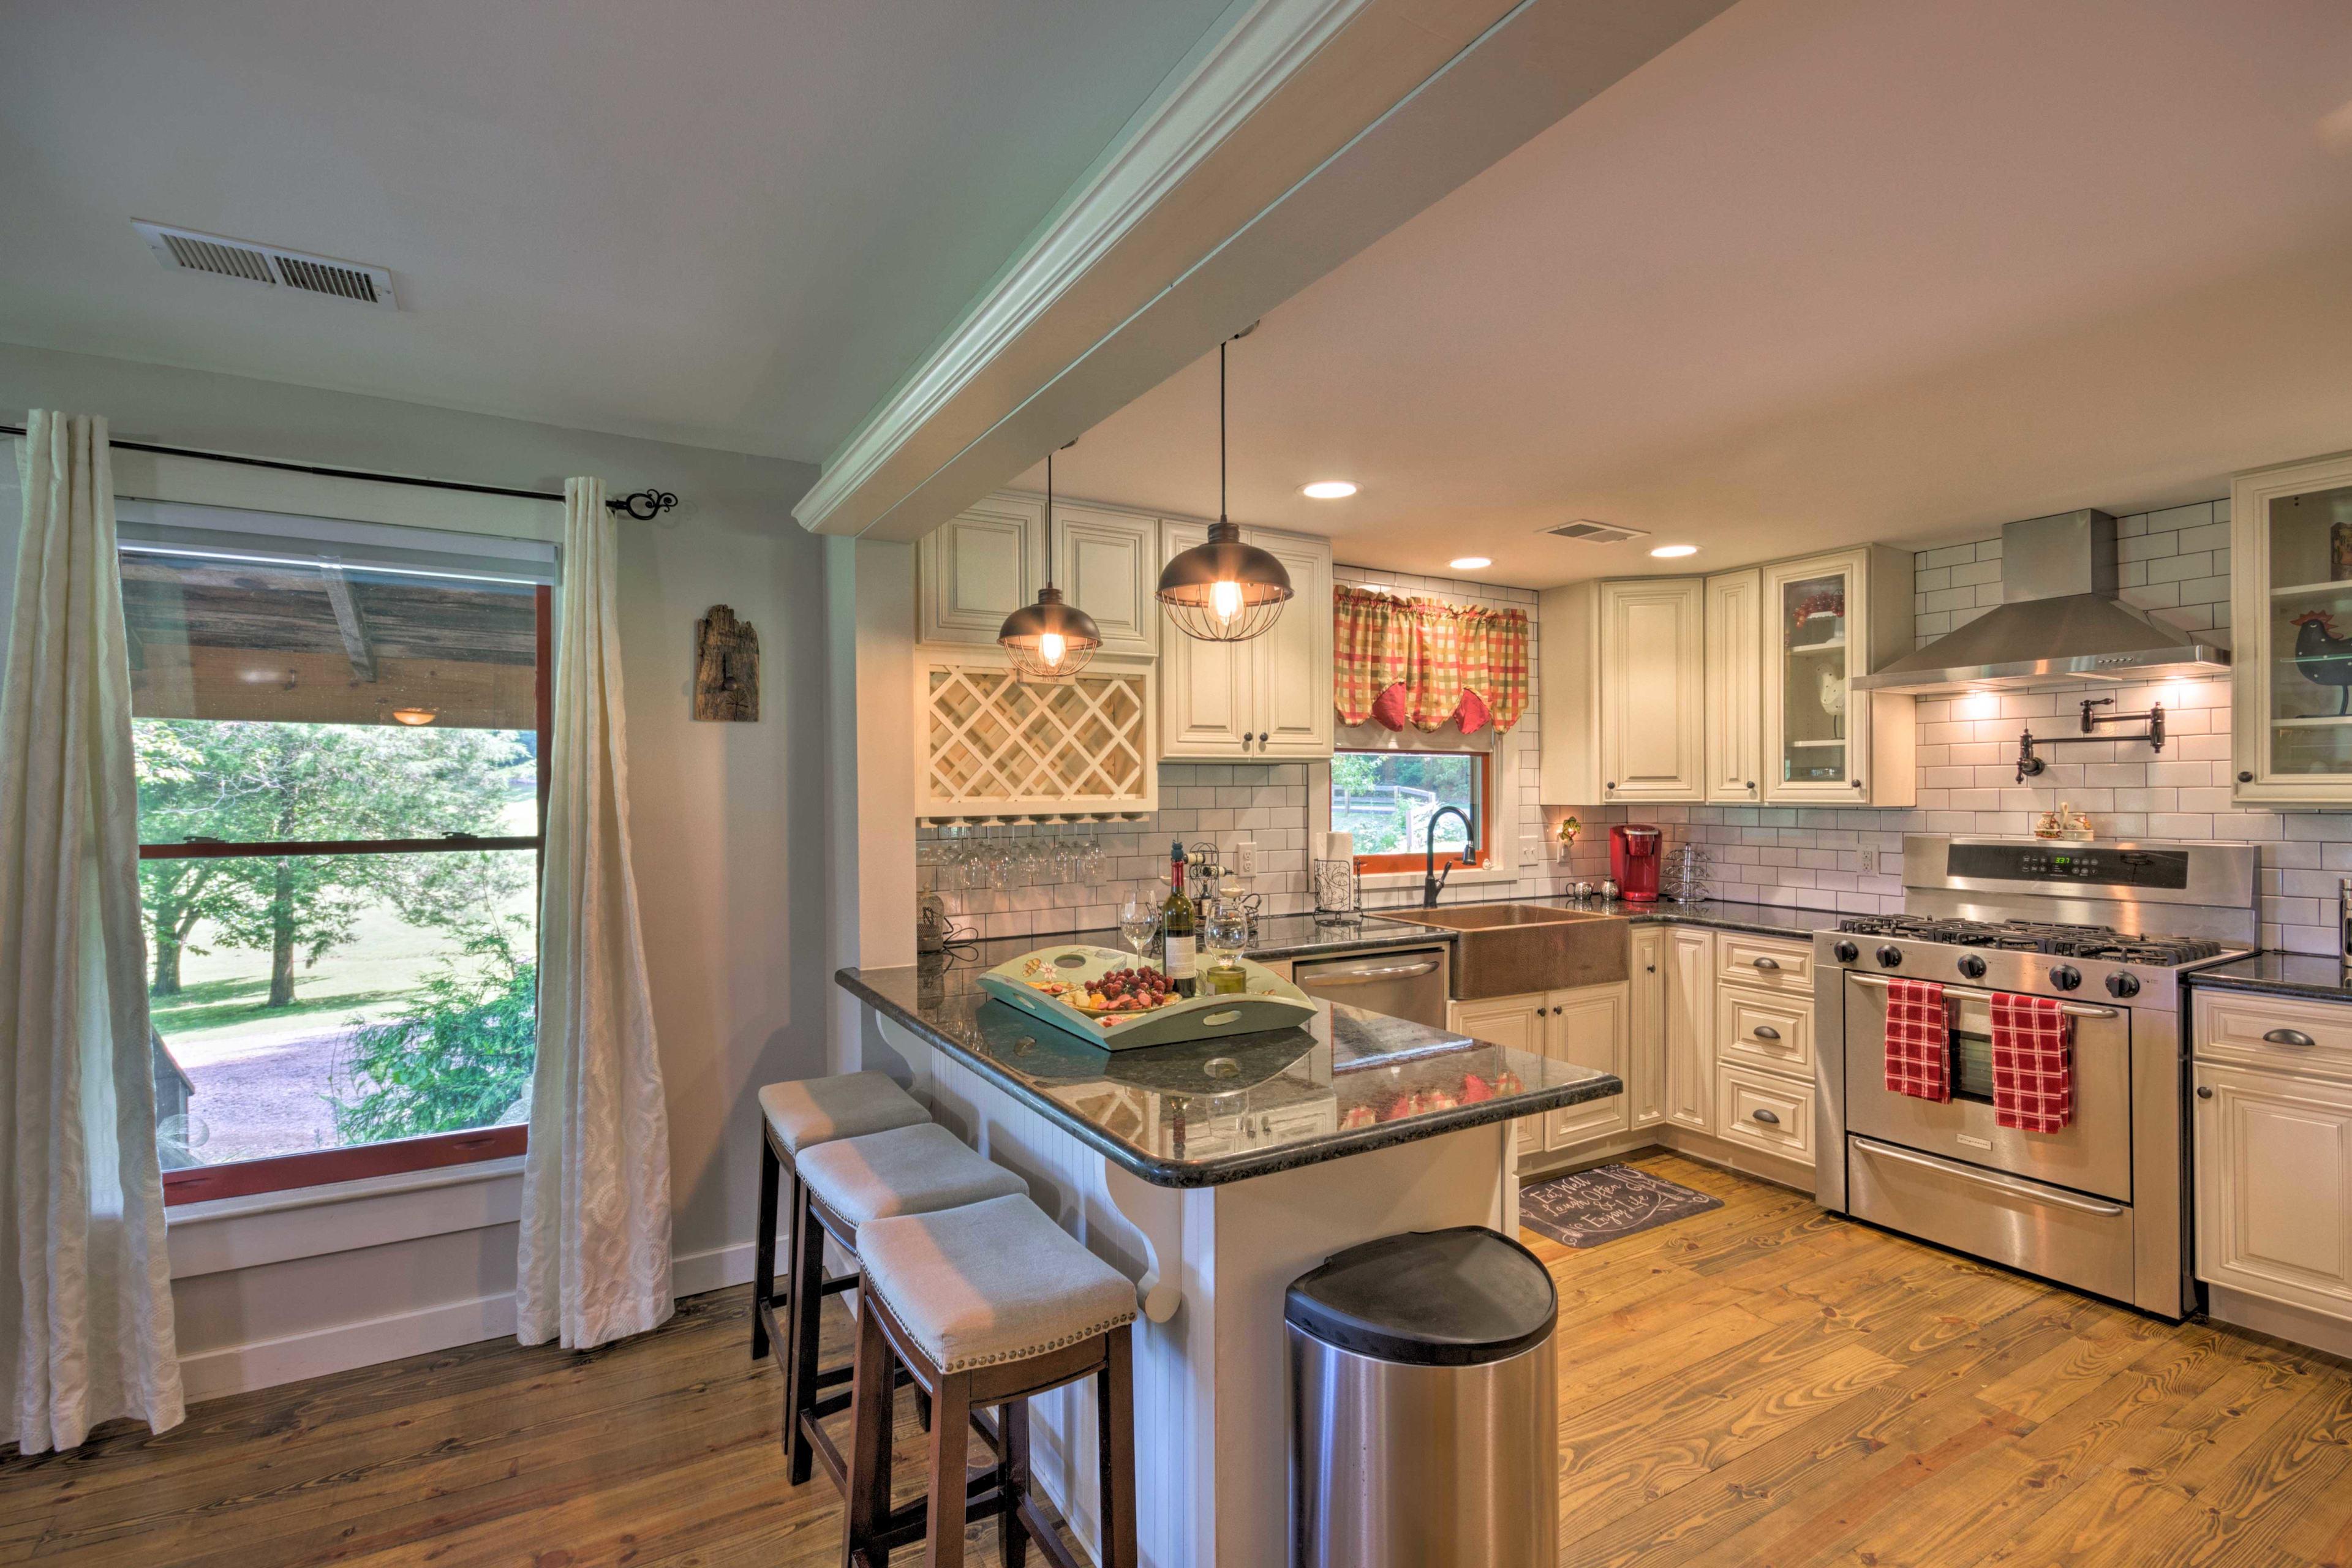 Sleek hardwood floors span the open living area/kitchen.